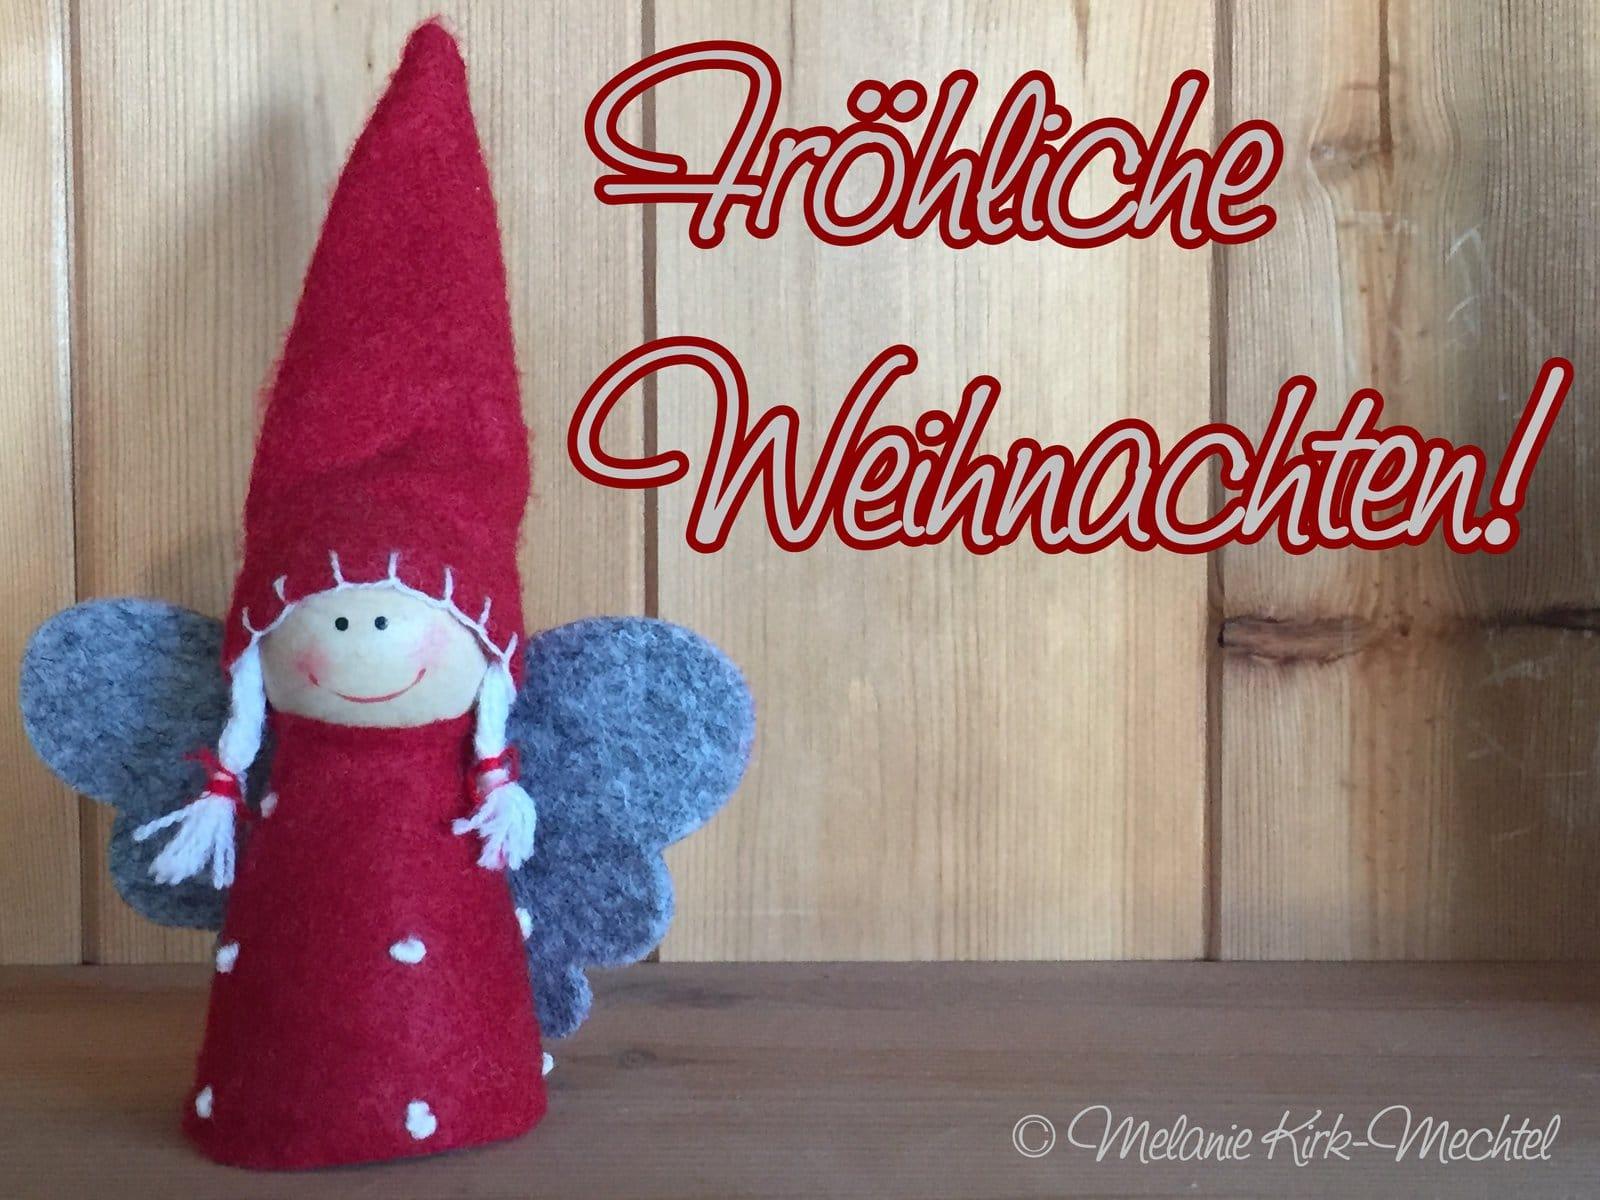 Föhliche Weihnachten